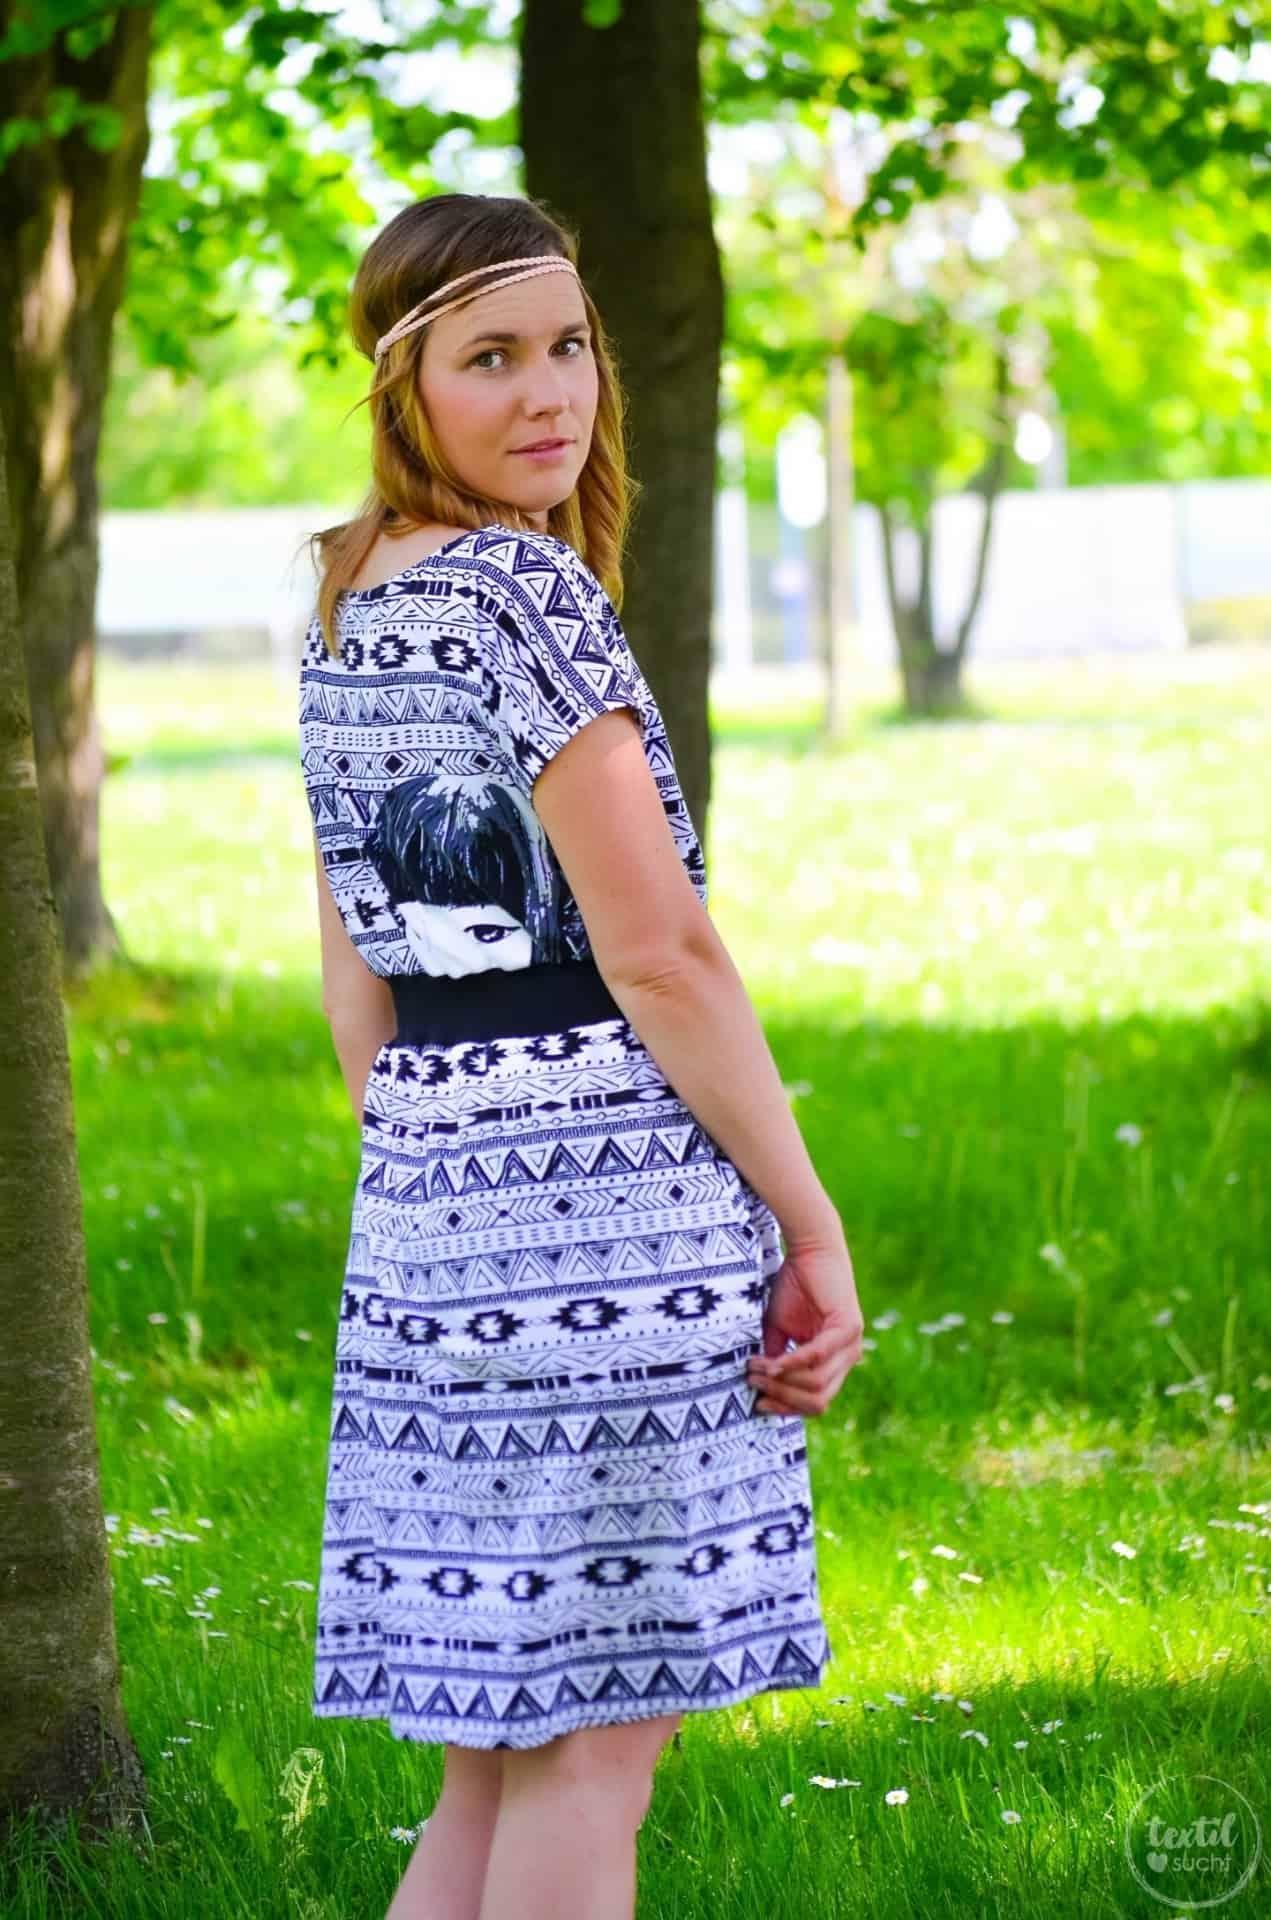 Sommerkleid nähen: Kleid Federleicht im Hippielook - Bild 1 | textilsucht.de